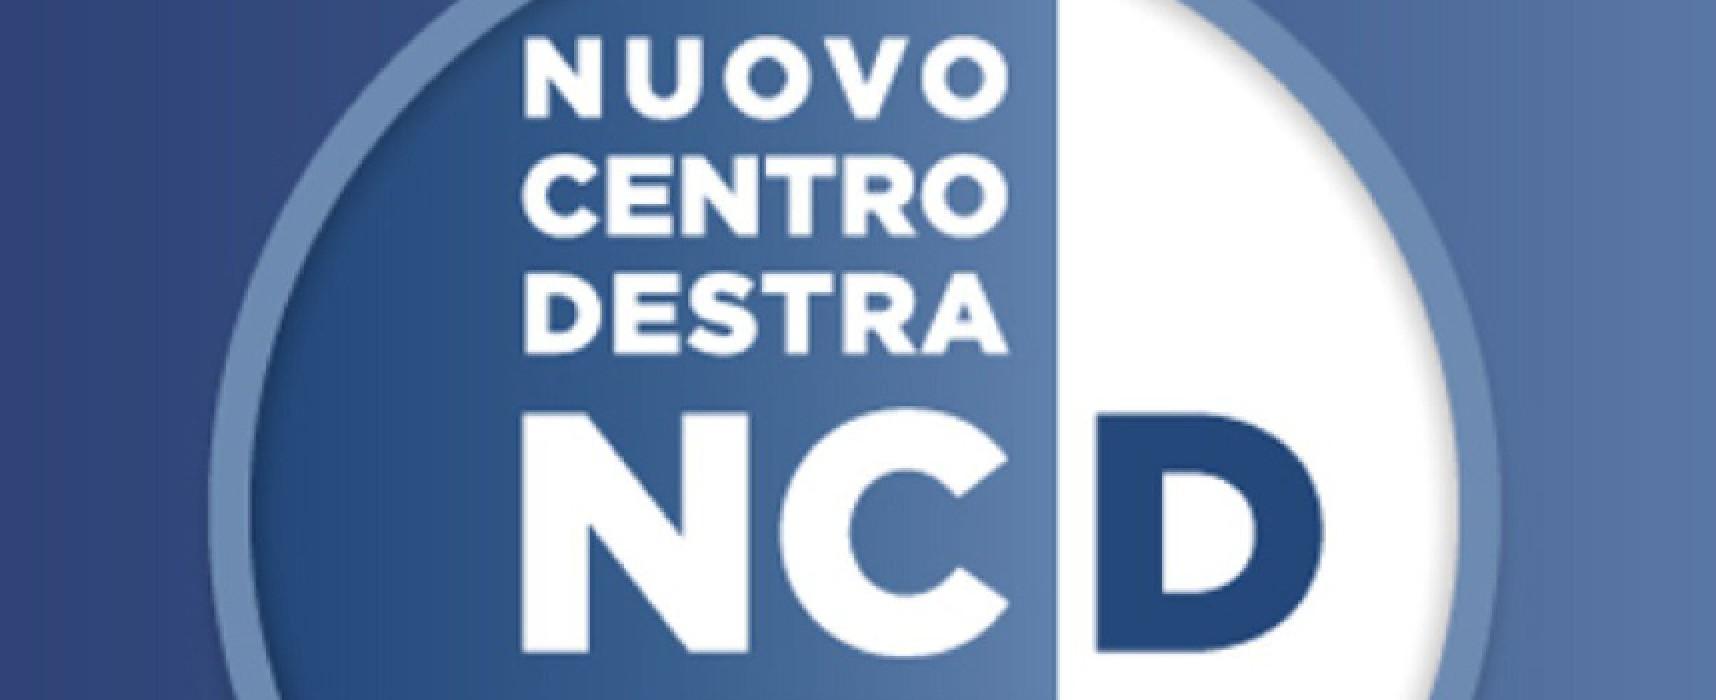 Giuseppe Dell'Olio (Ncd Puglia): «Nuovo Centro Destra da ricostruire, ma senza uomini come Vittorio Fata»